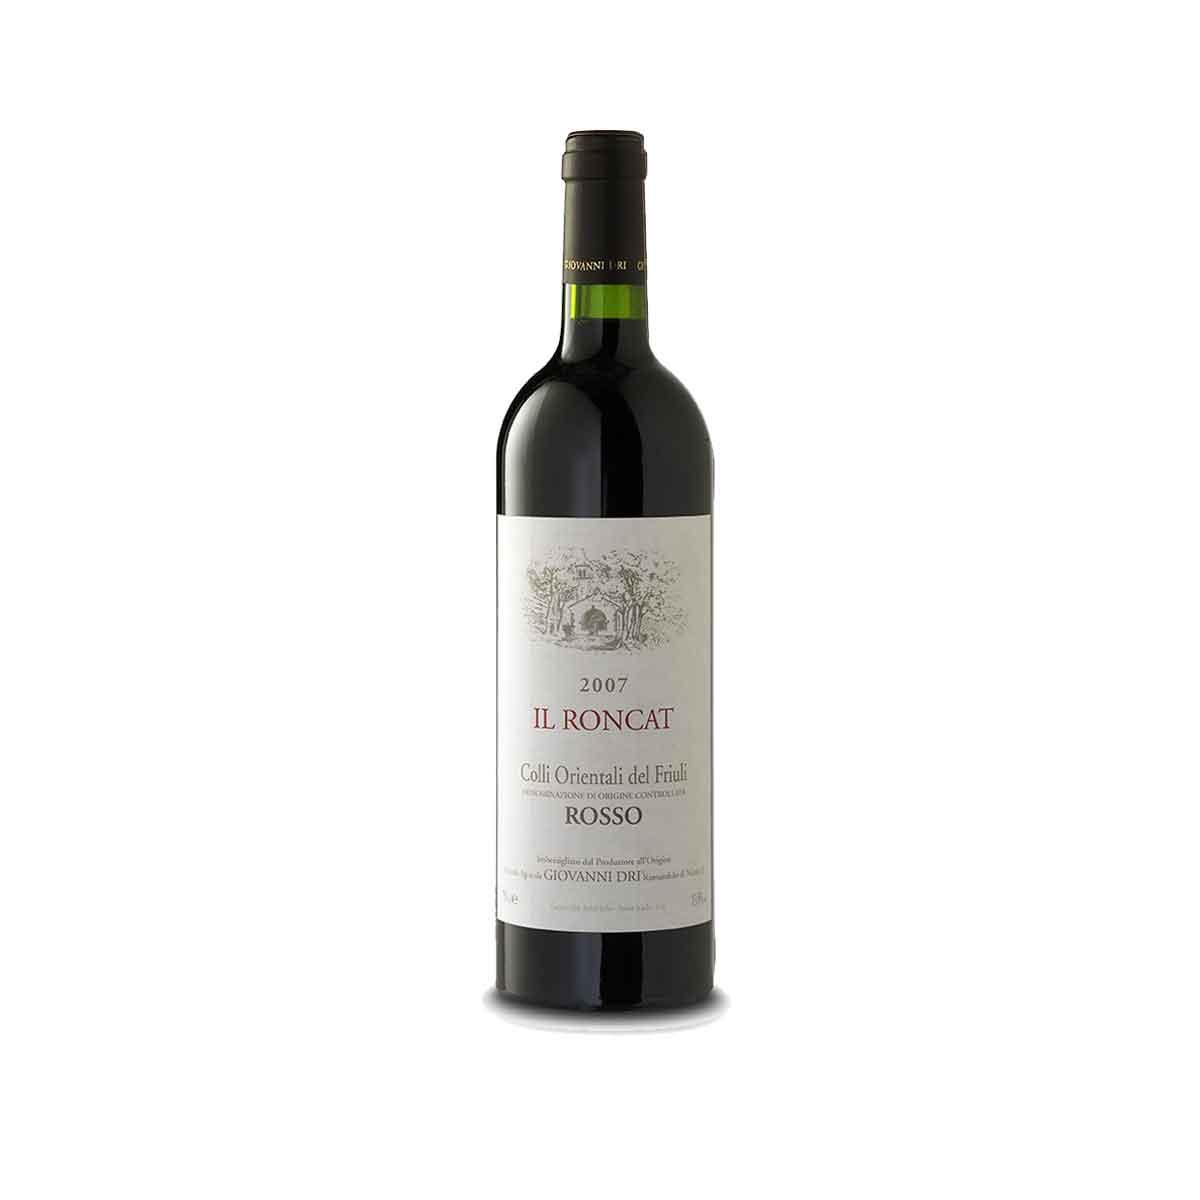 Friuli Colli Orientali Rosso Il Roncat - Vini Friuli Colli Orientali DOC